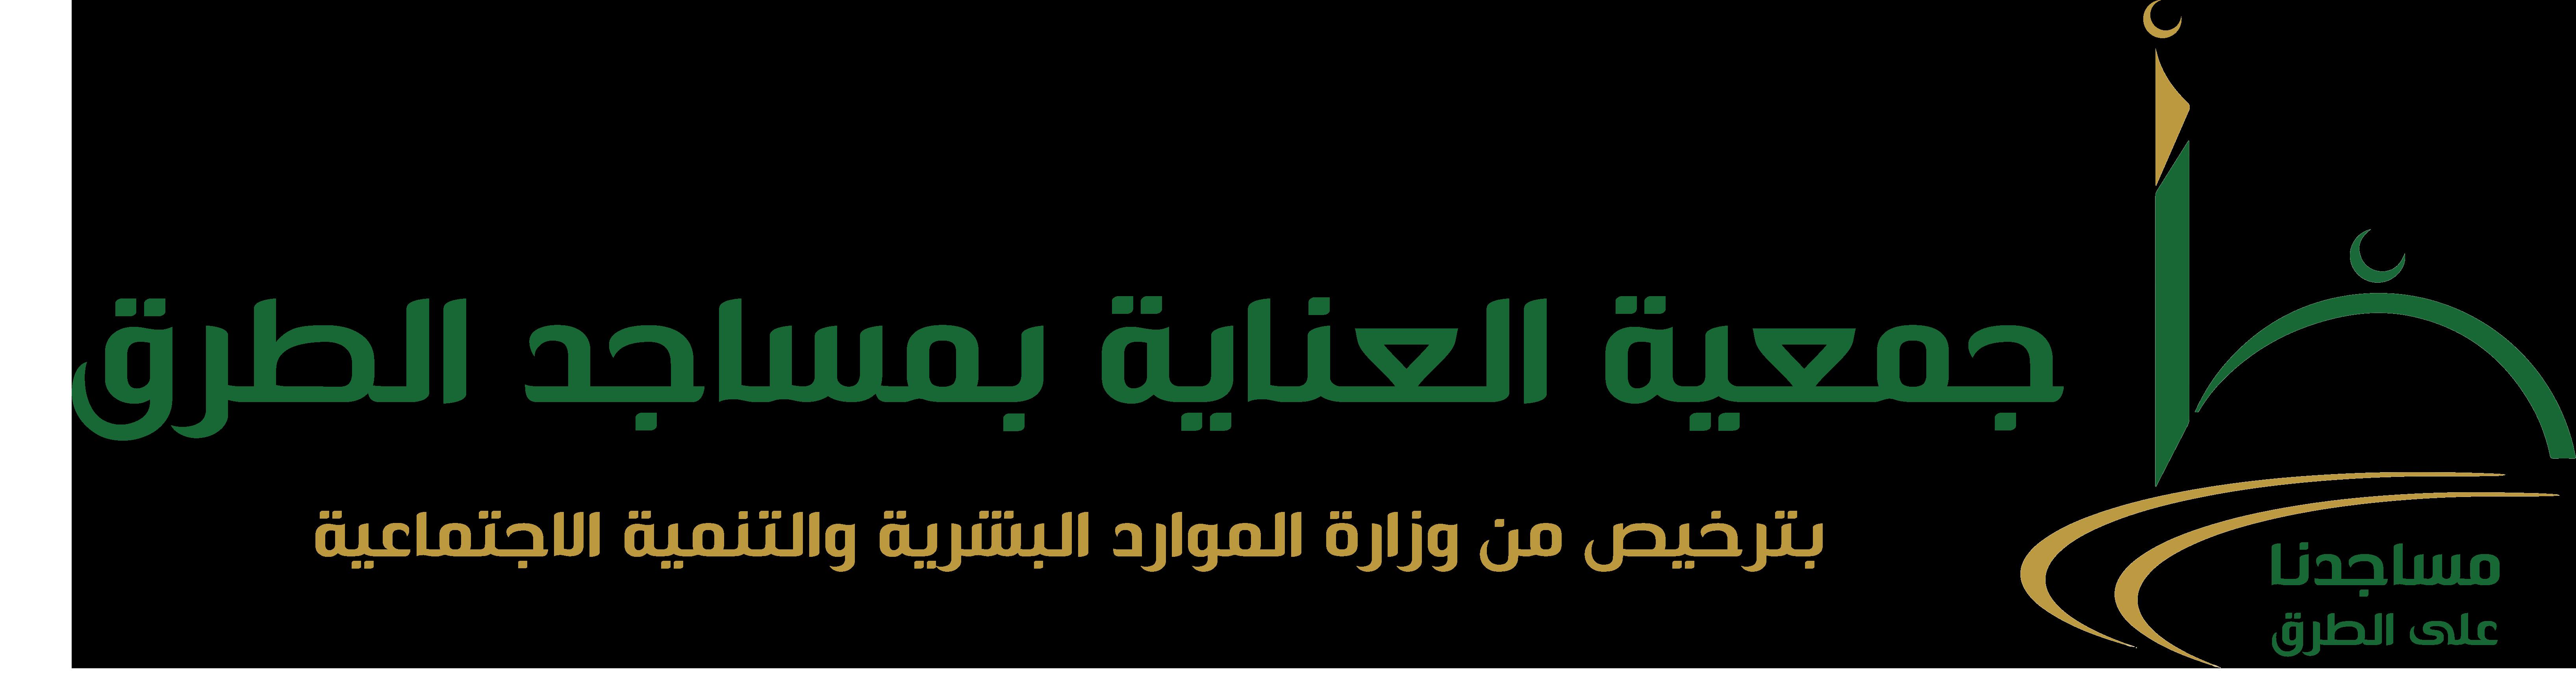 جمعية العناية بمساجد الطرق